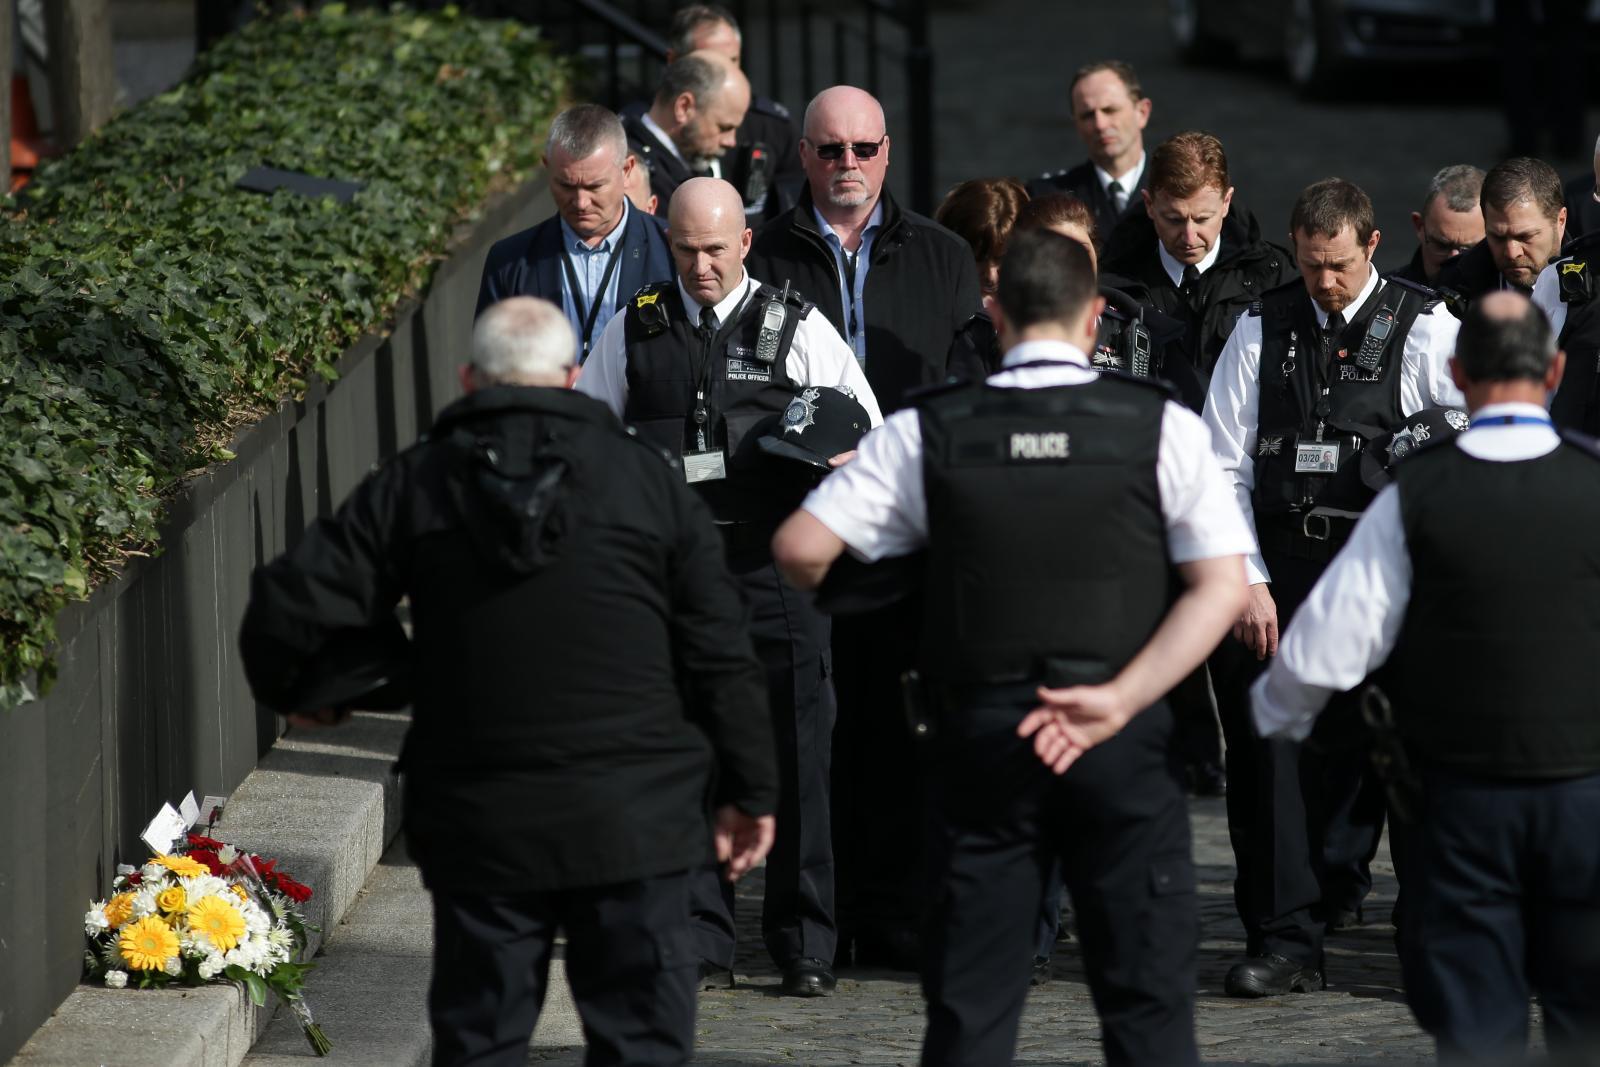 อังกฤษสั่งทบทวนระบบลดโทษผู้ต้องหา หลังเหตุก่อการร้าย